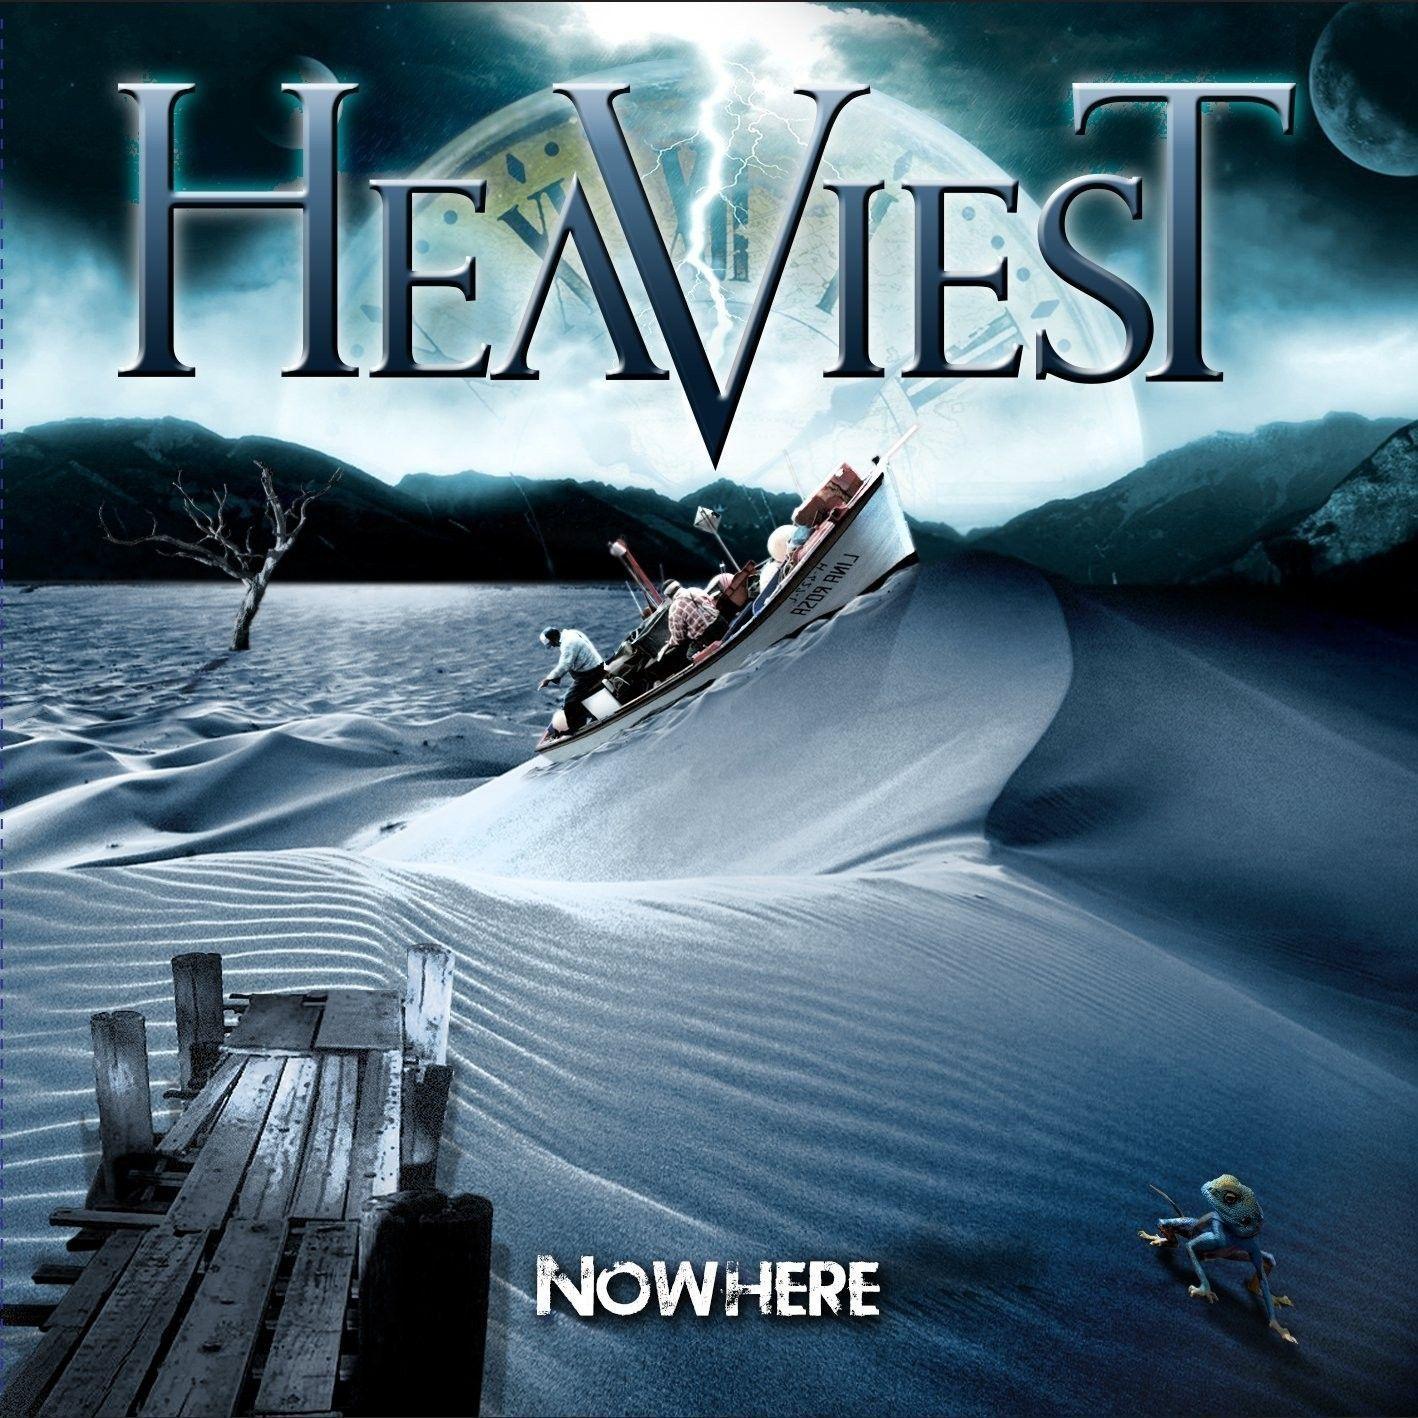 CD - Heaviest - Nowhere